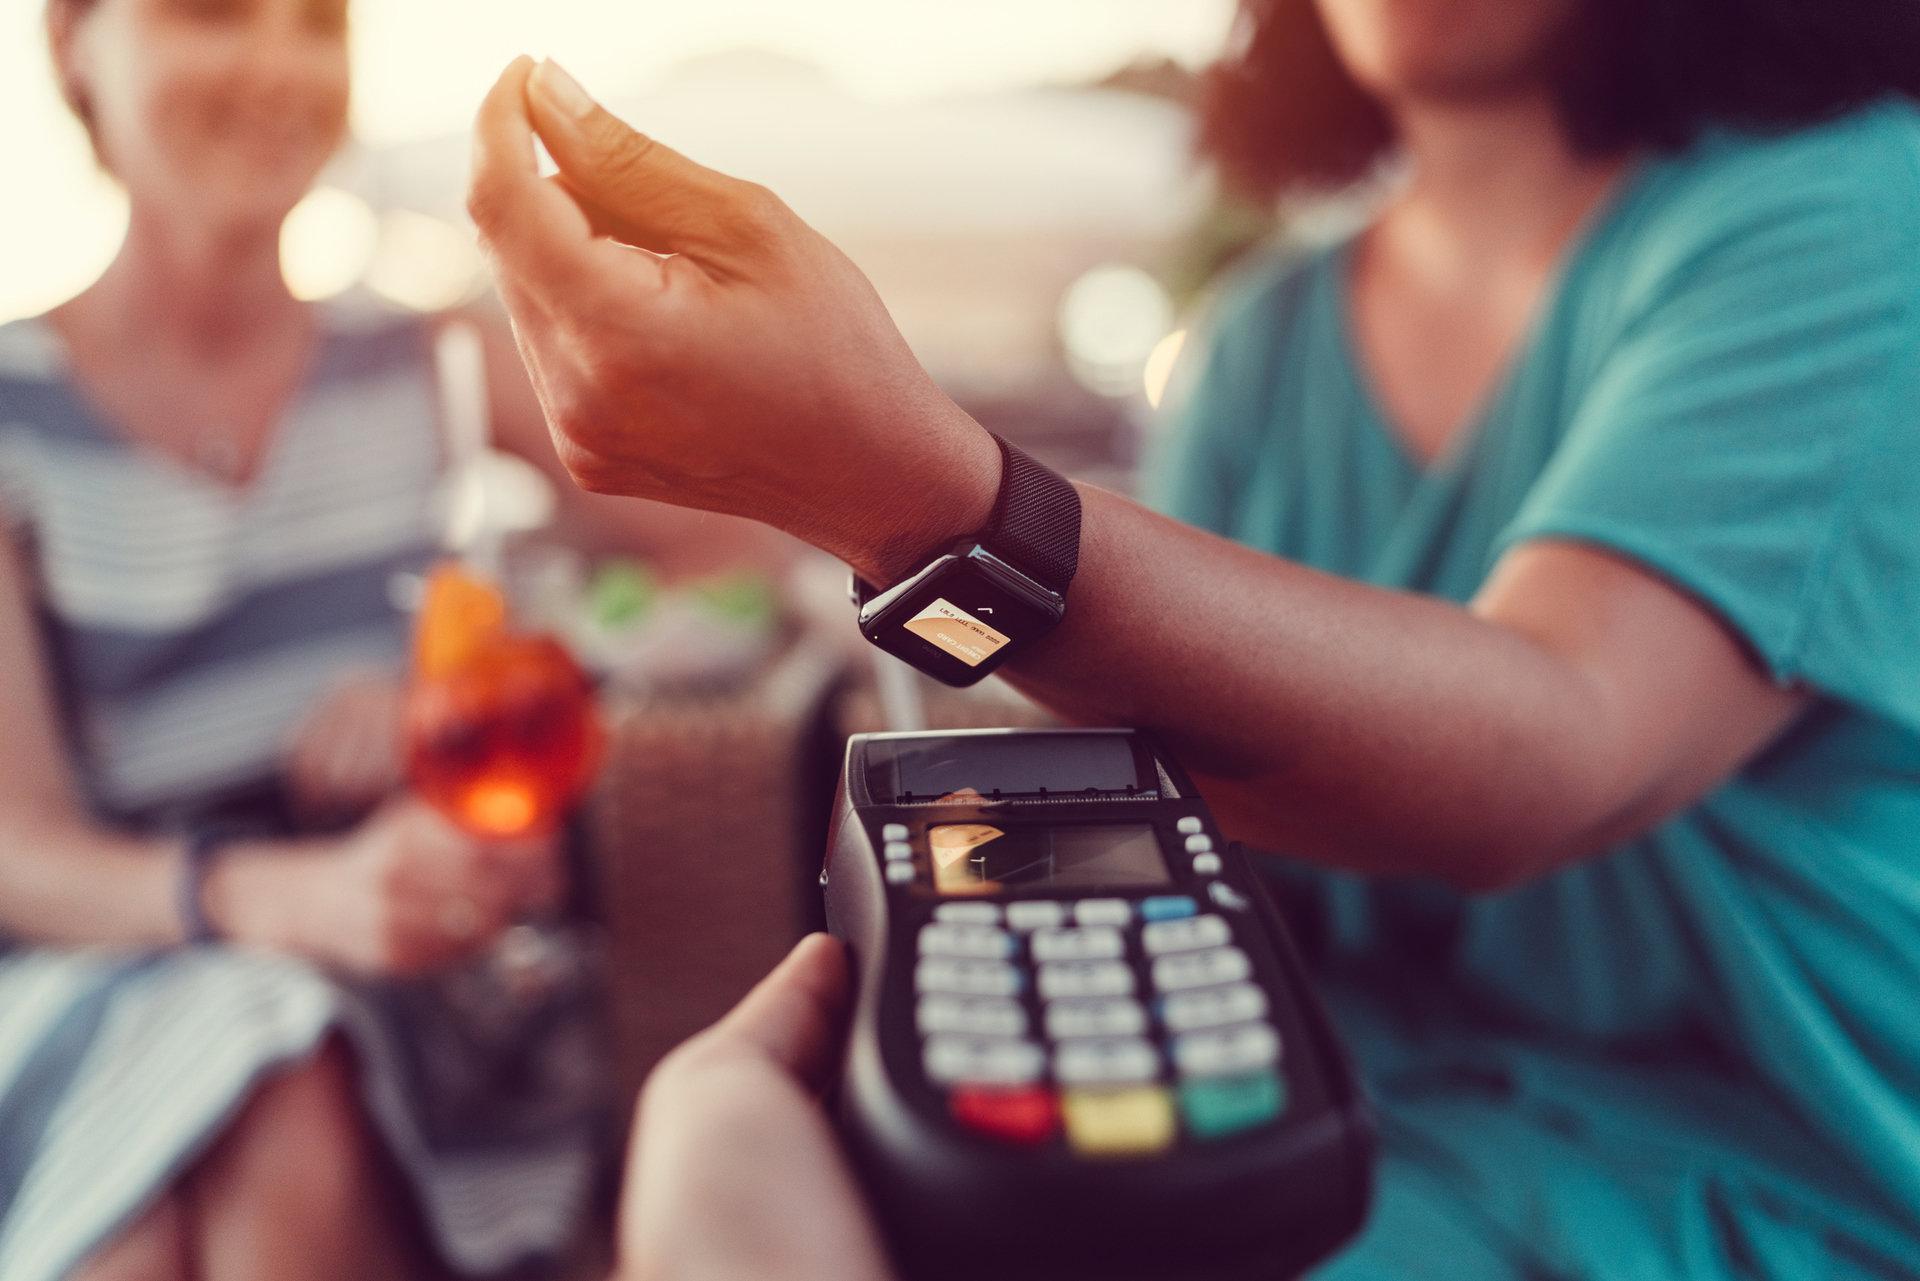 Nowe trendy w płatnościach mobilnych. Szybciej, wygodniej, bezpieczniej.